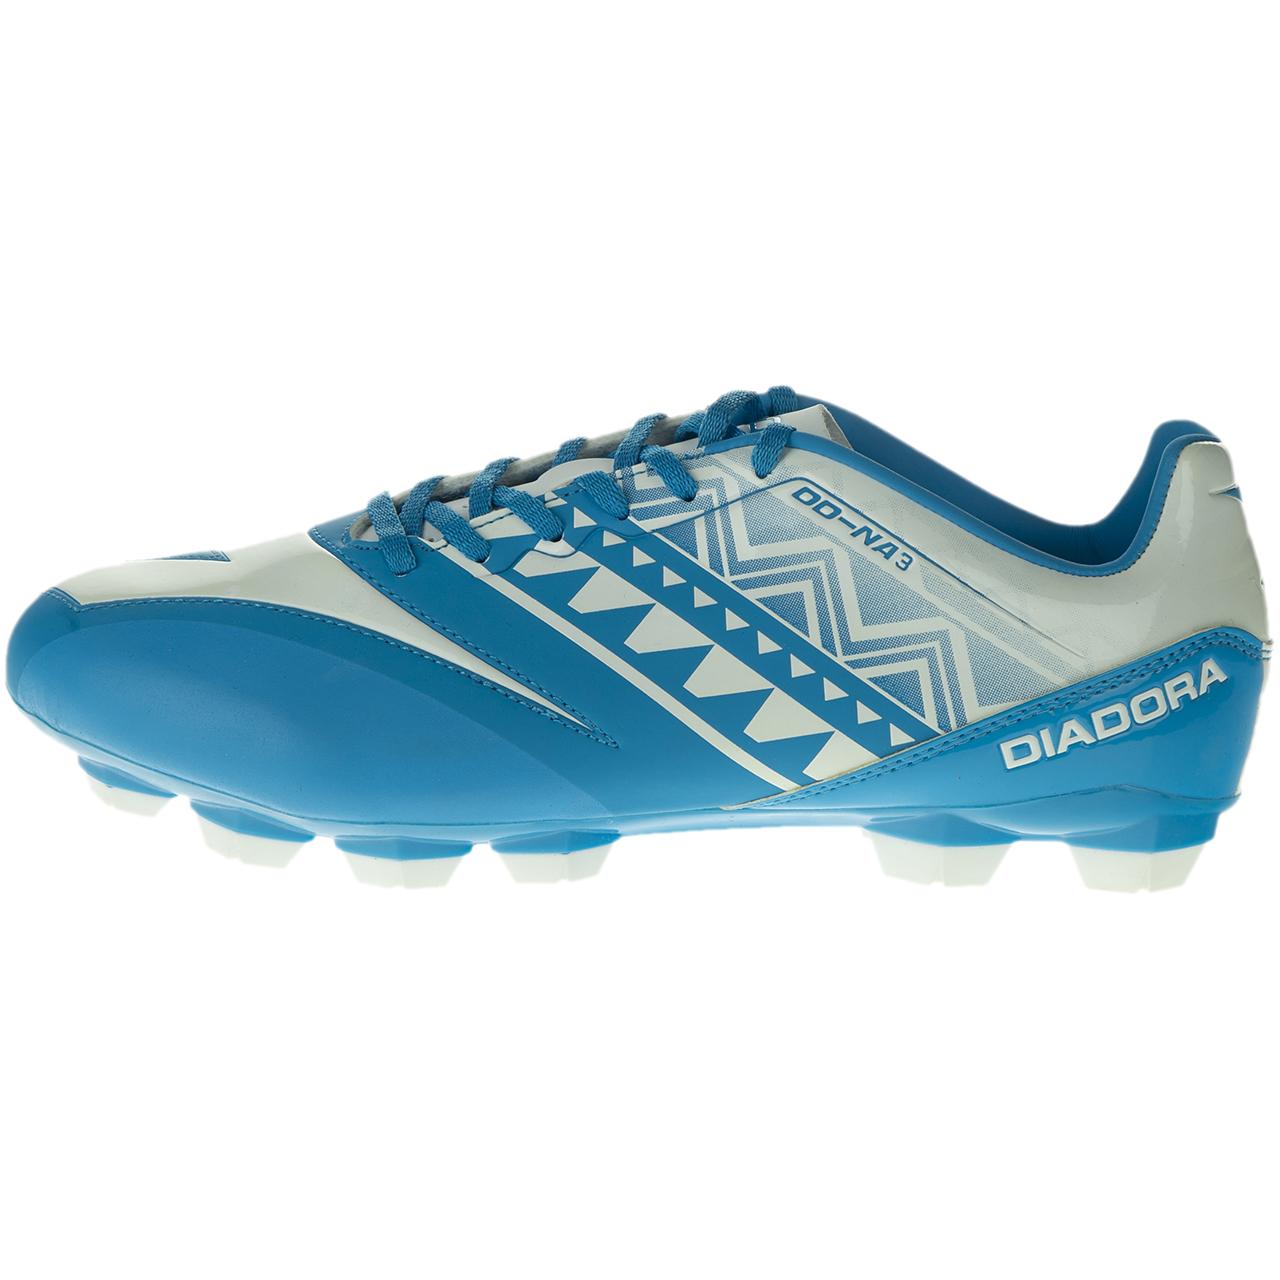 کفش فوتبال مردانه دیادورا مدل 161454-1970